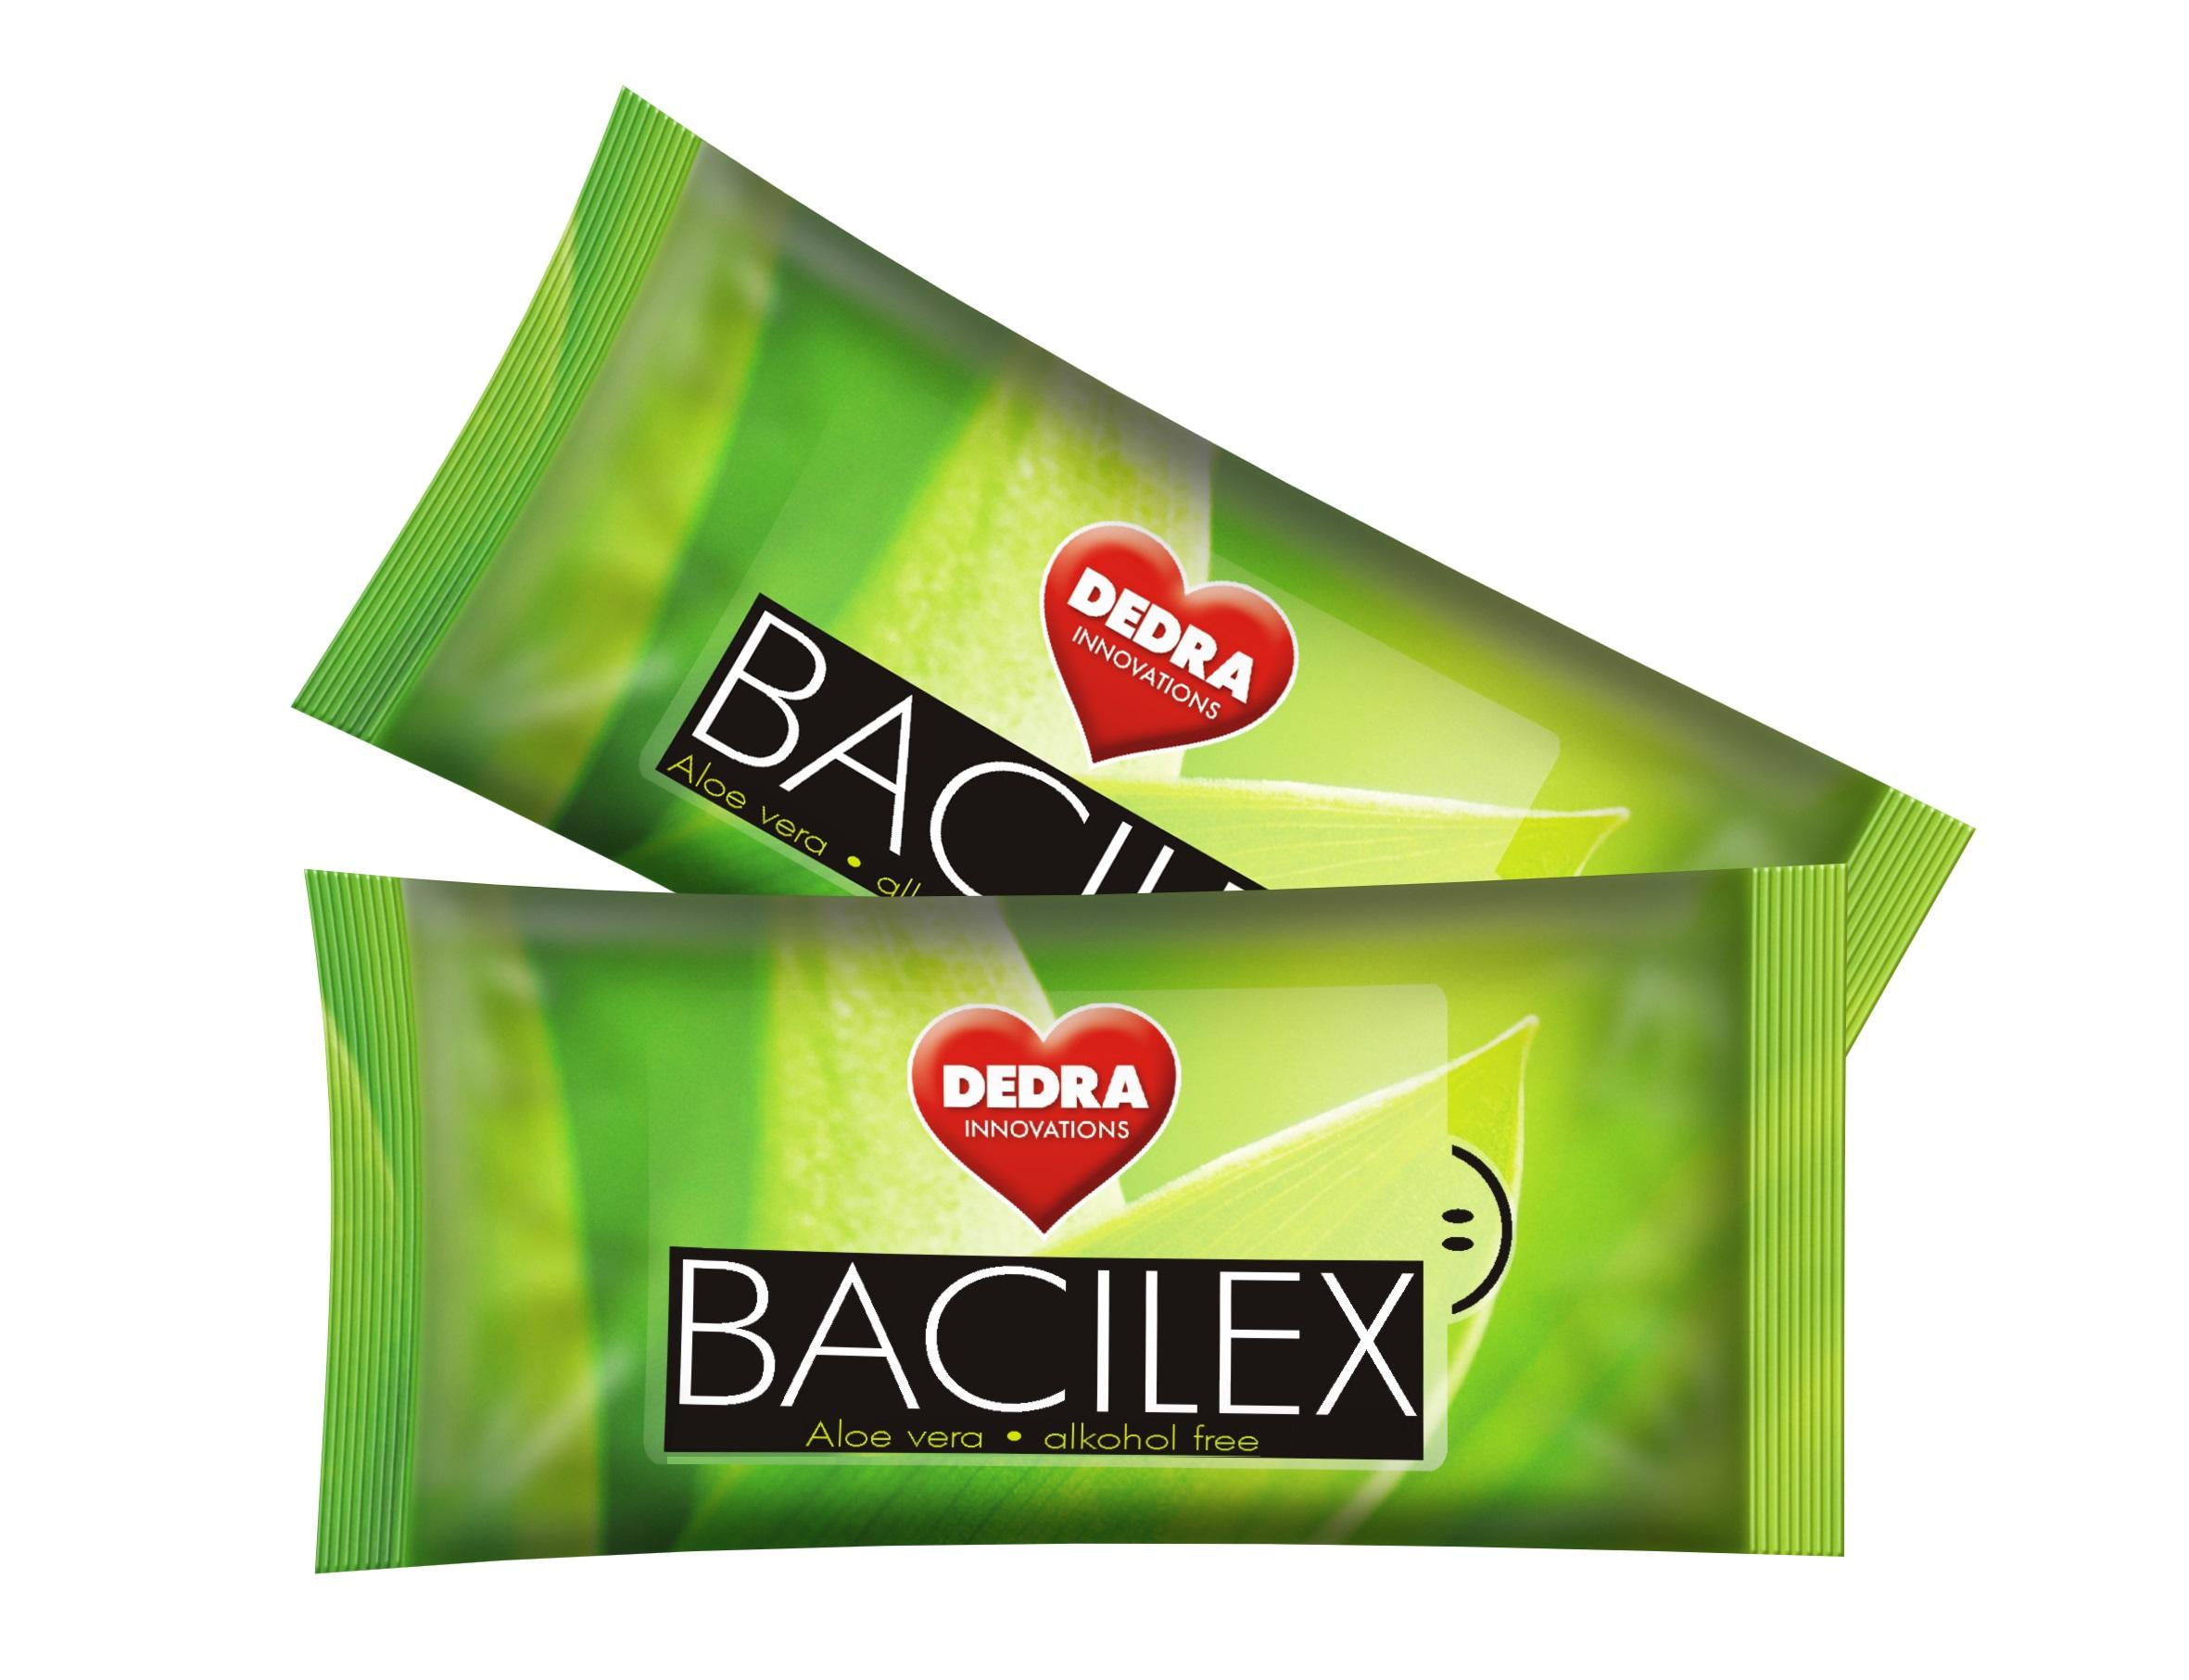 Sada BACILEX vlhčených obrúskov